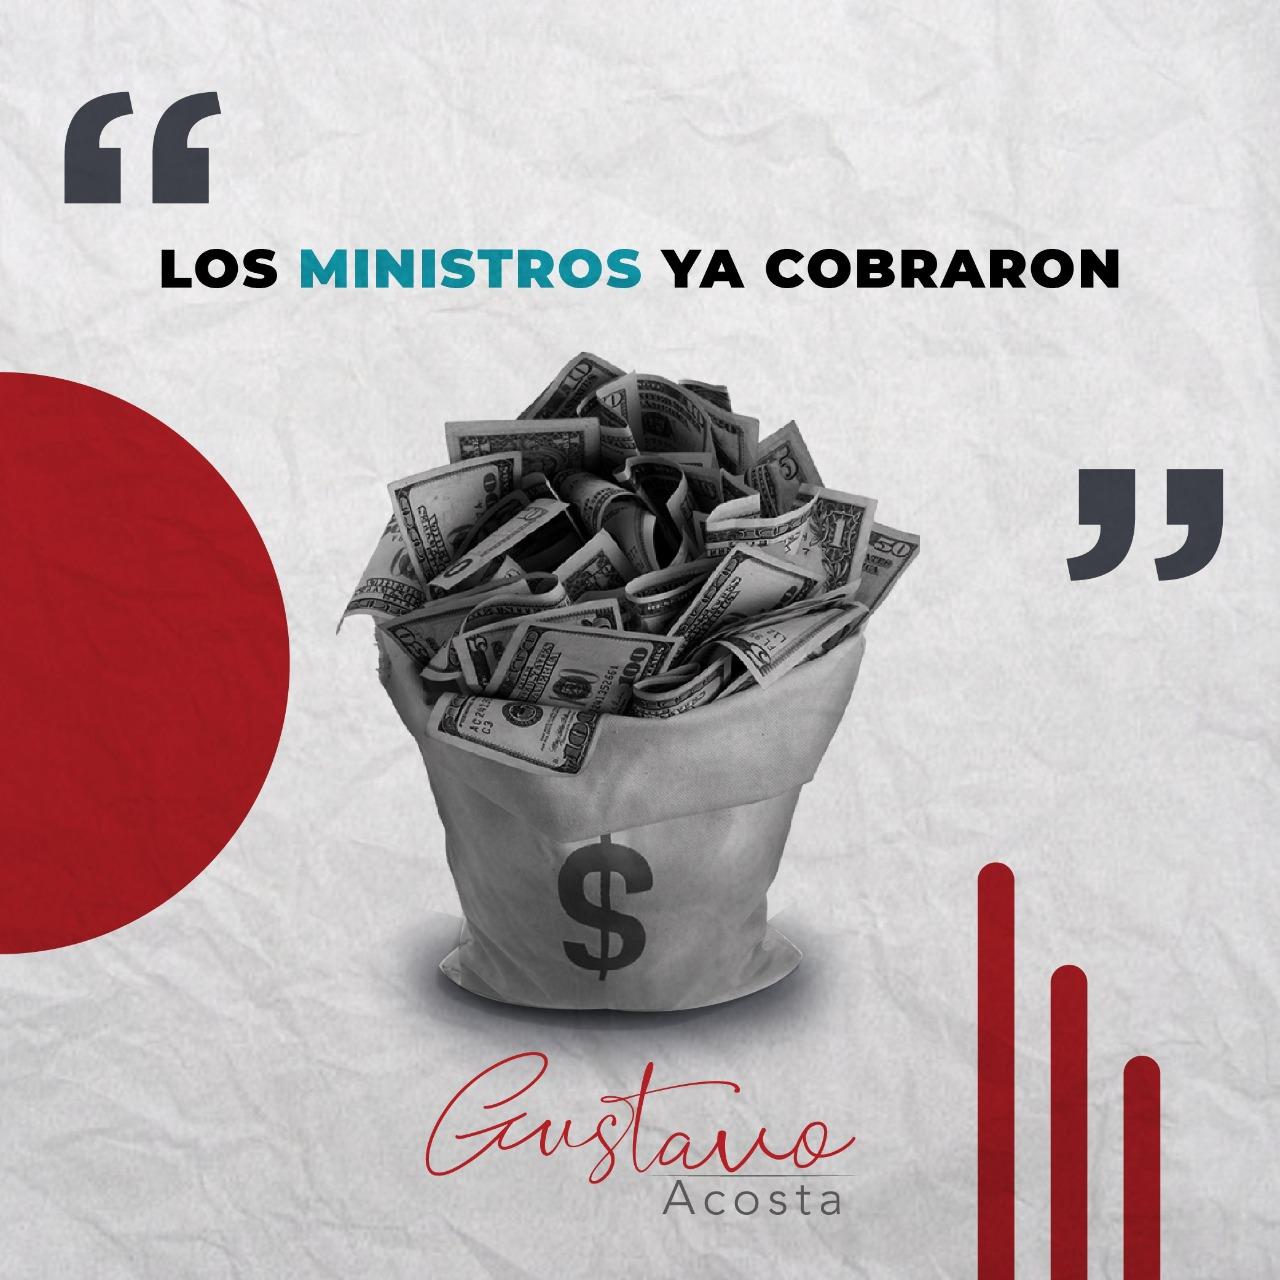 ¡LOS MINISTROS YA COBRARON